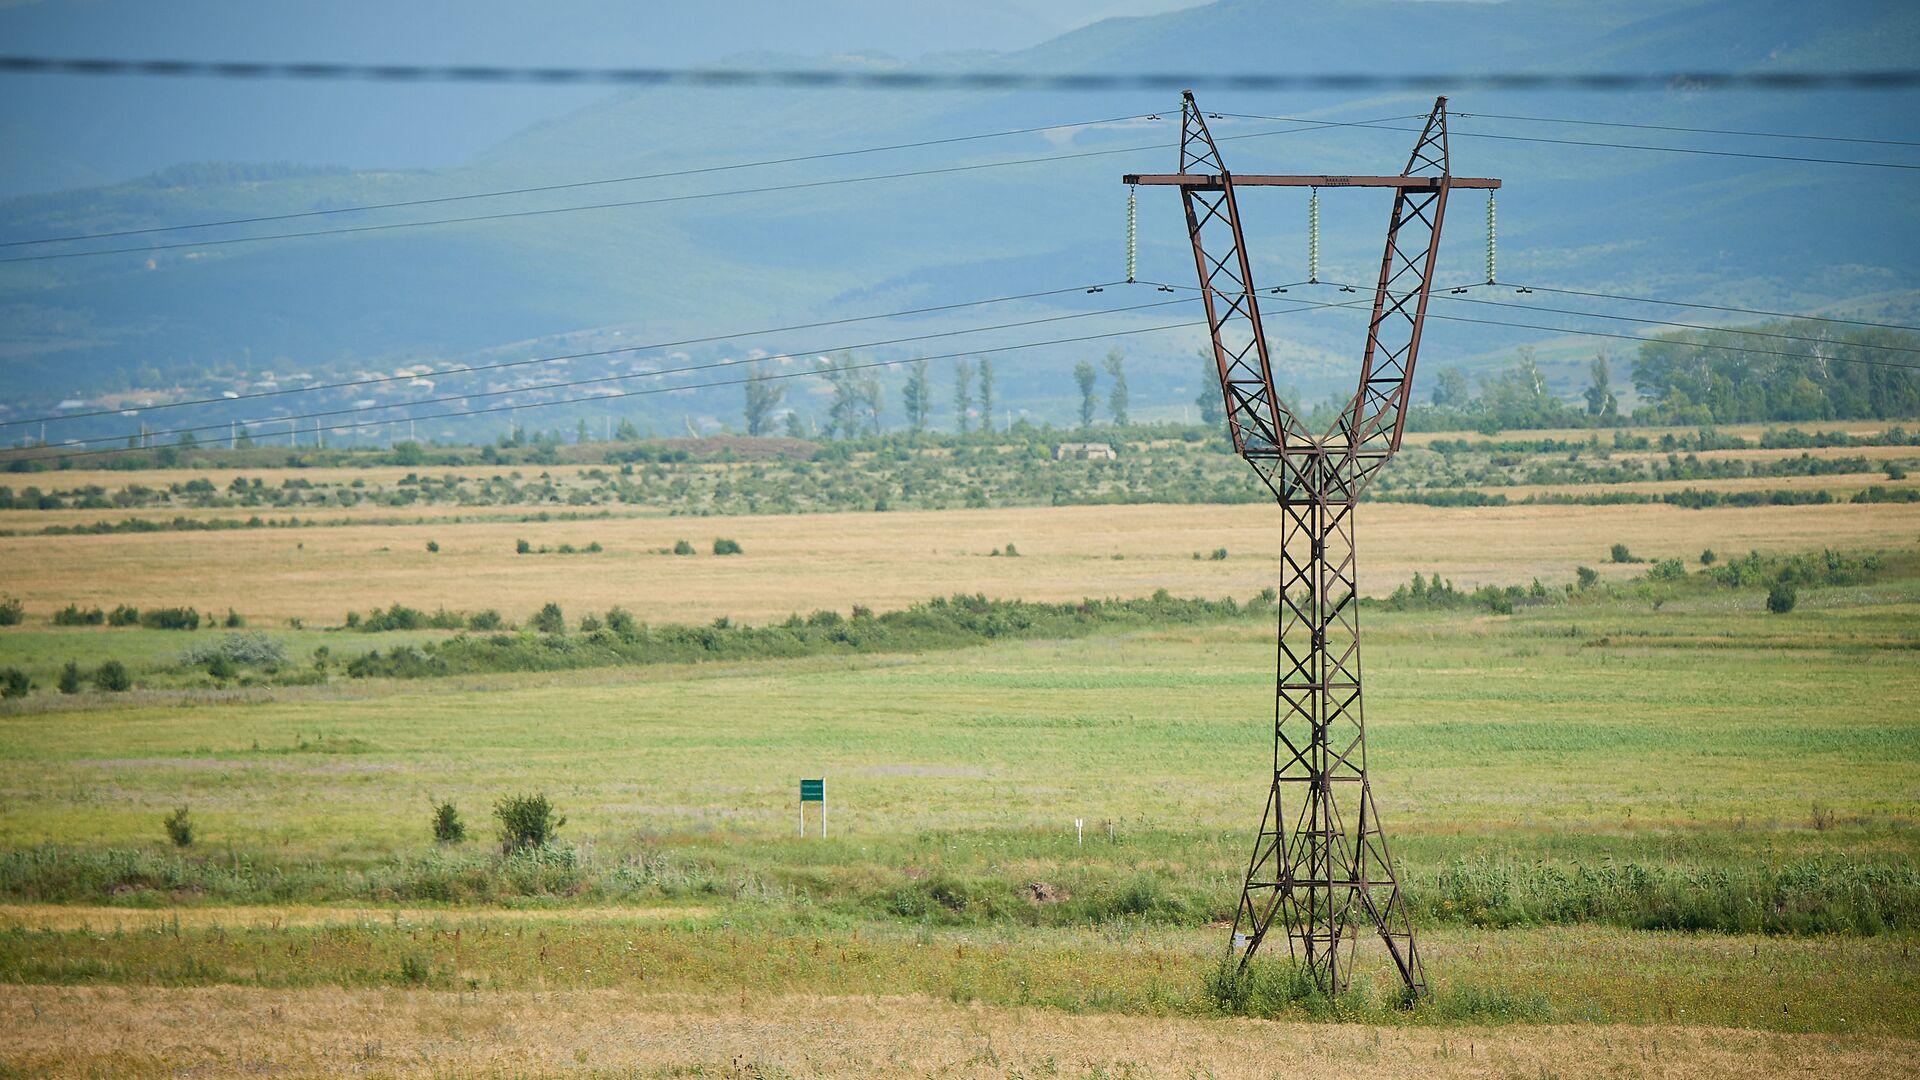 Высоковольтная линия электропередач (ЛЭП) в регионе Шида Картли  - Sputnik Грузия, 1920, 24.09.2021